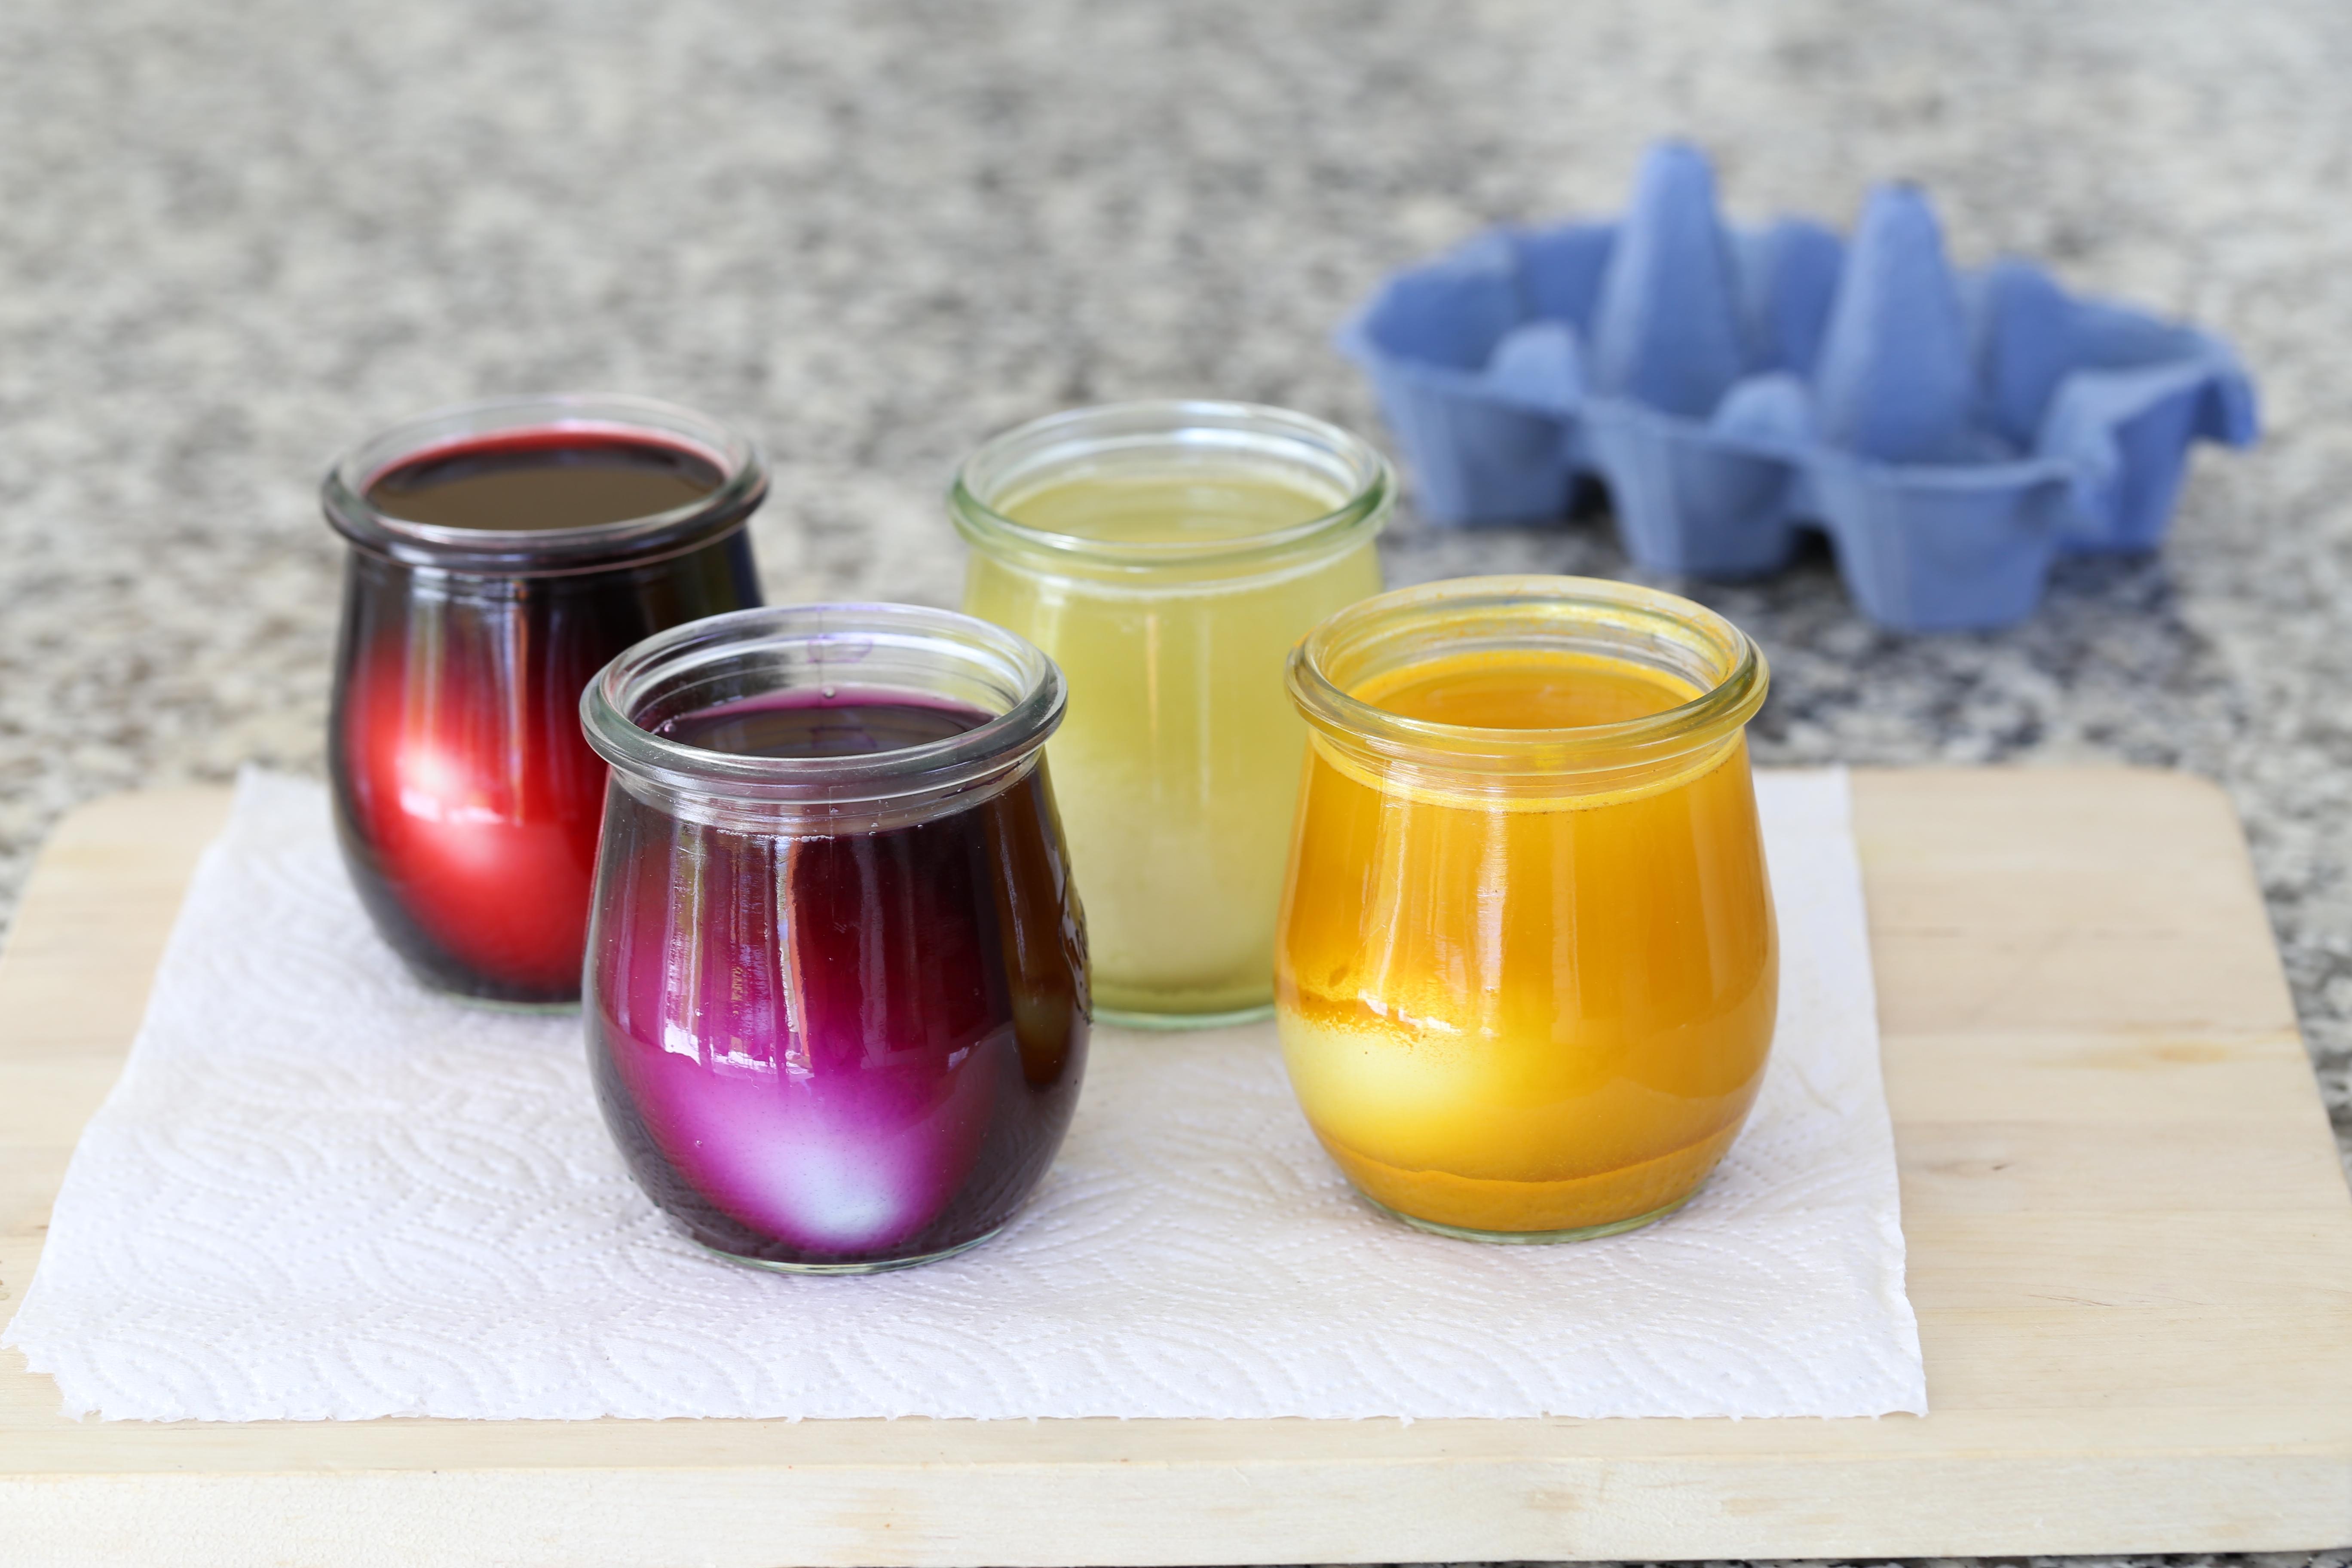 Oeufs de Pâques - colorants naturels - delimoon.com